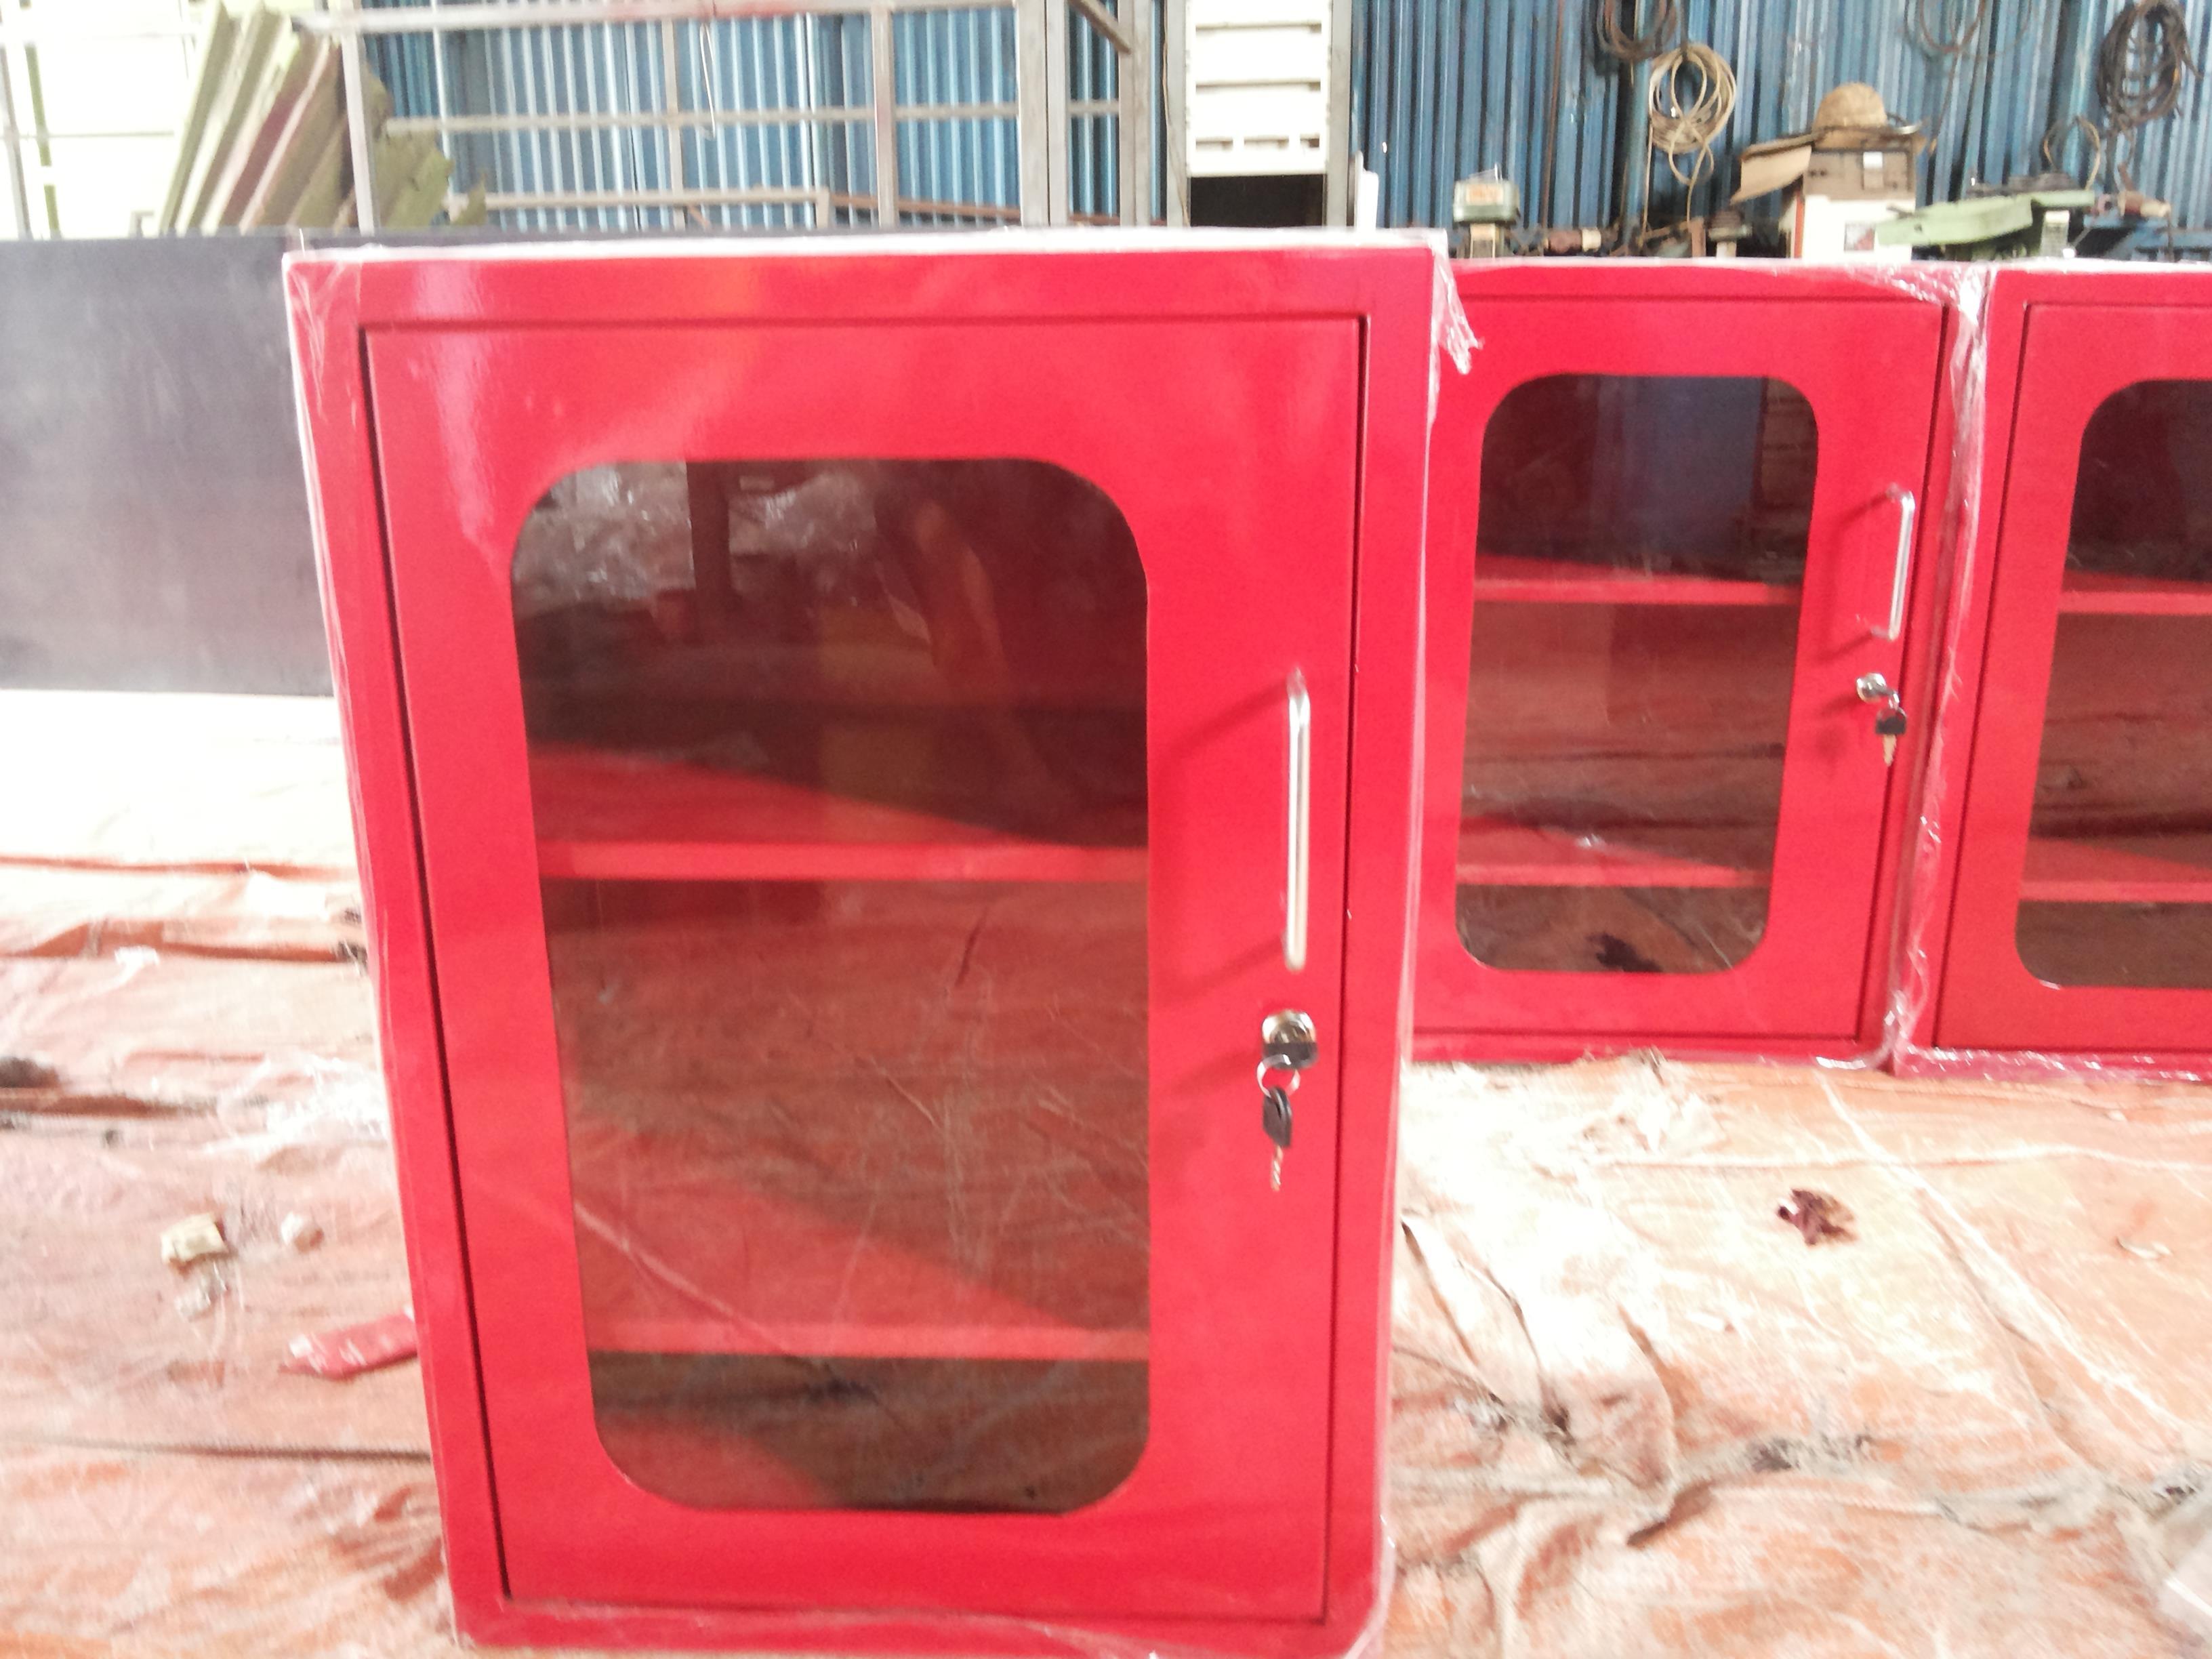 jual box apd  alat perlindungan diri  ukuran 400 x 600 x